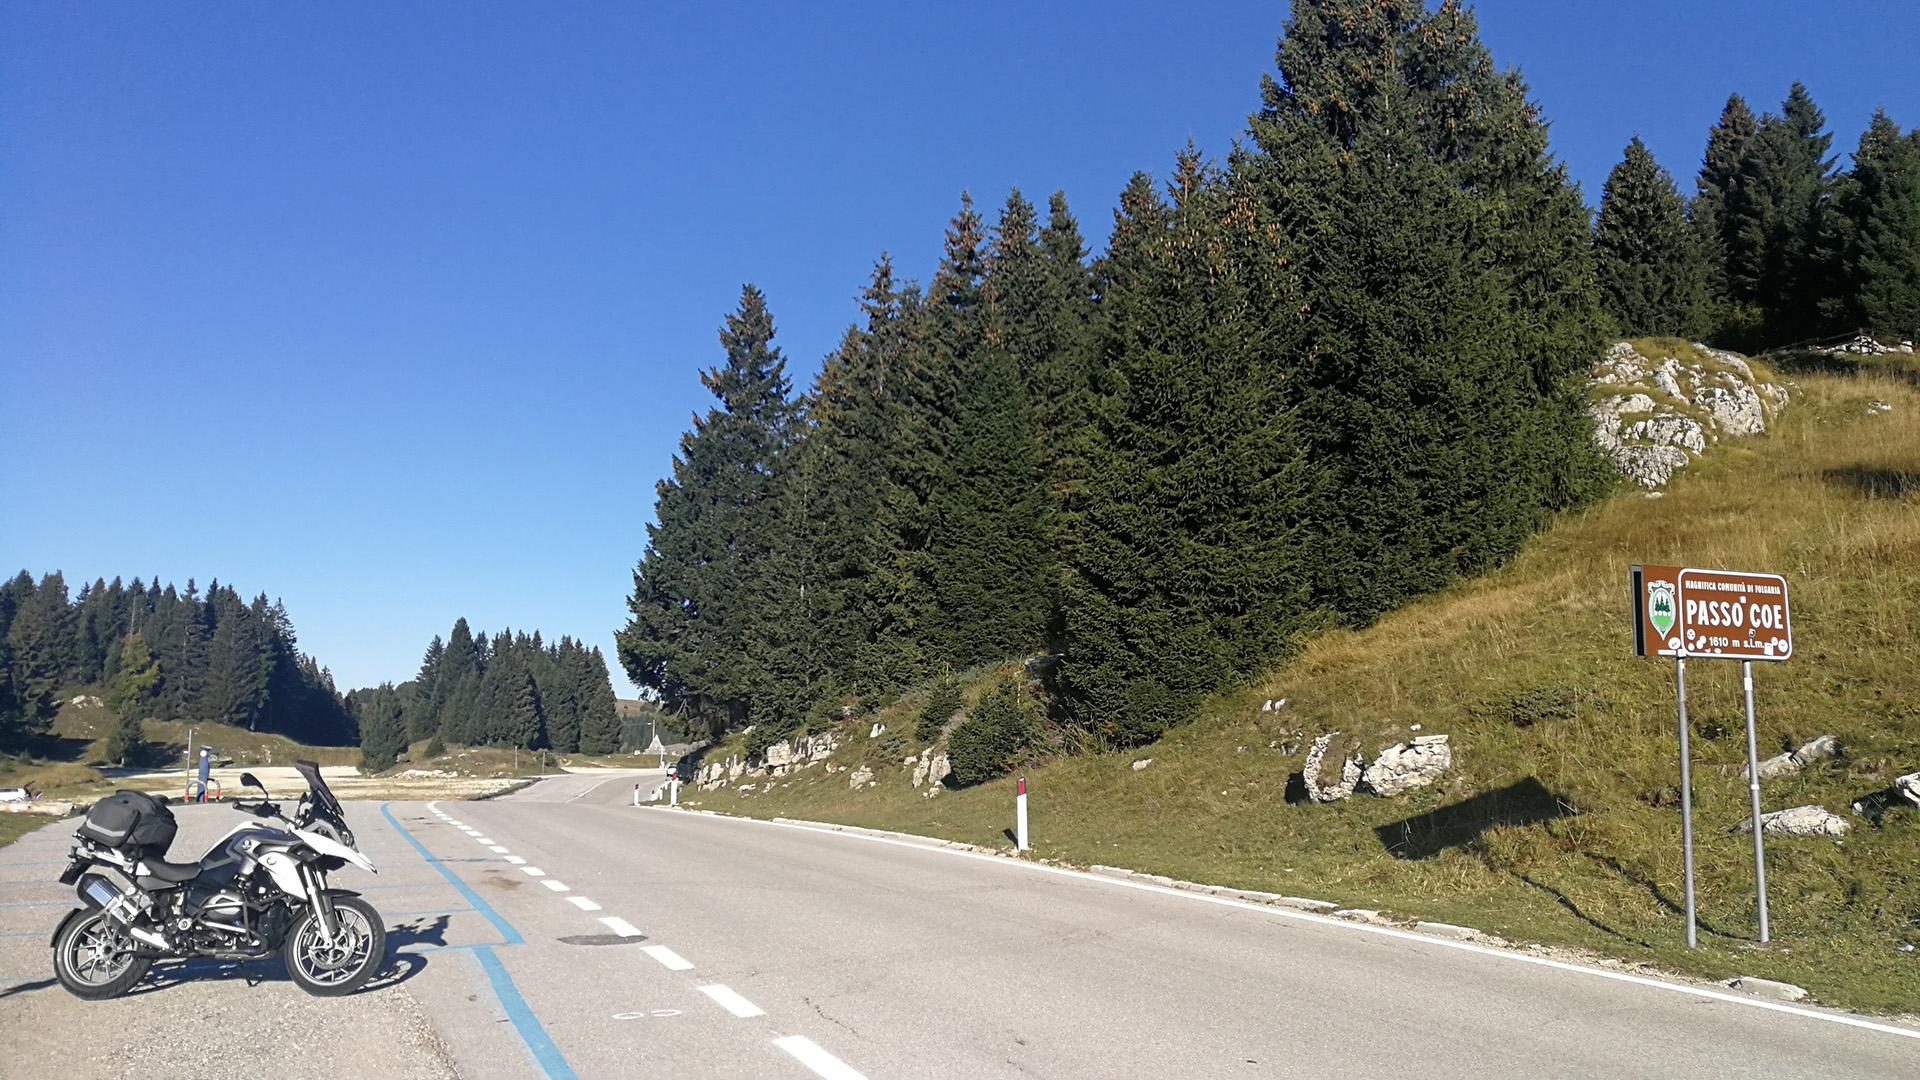 1610 - I - Passo Coe